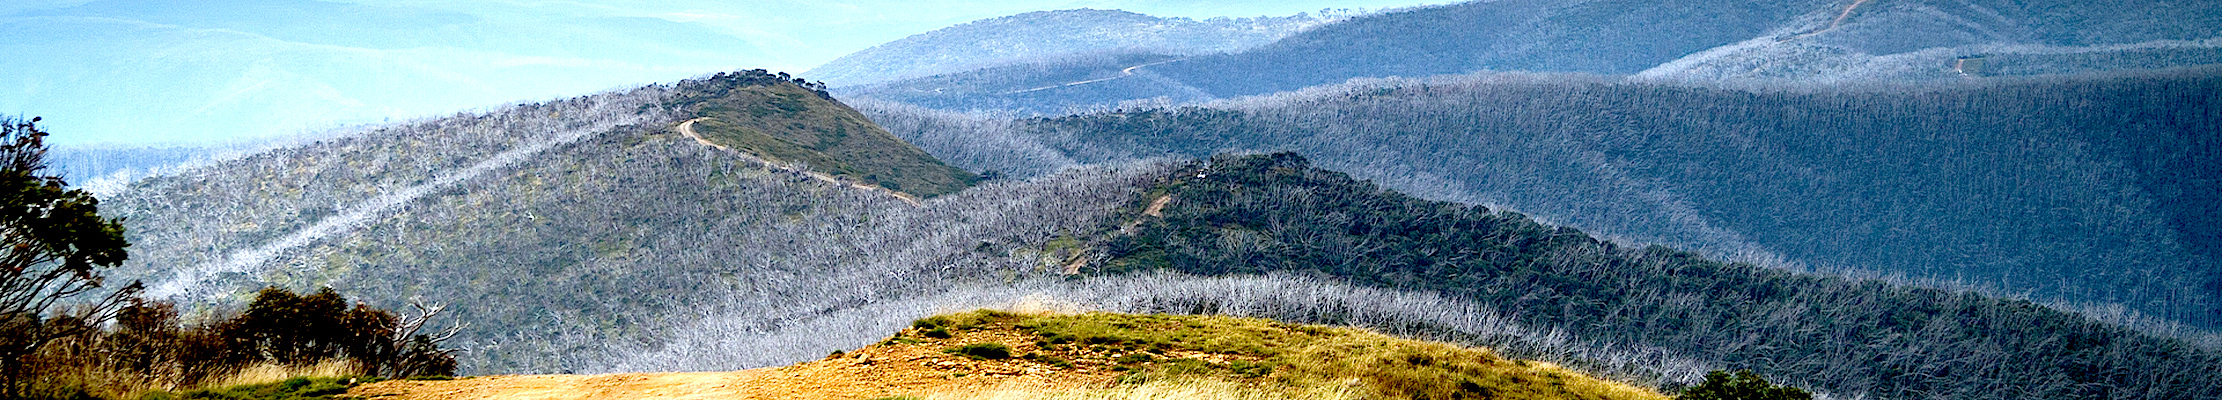 Горная часть юго-восточной Австралии.